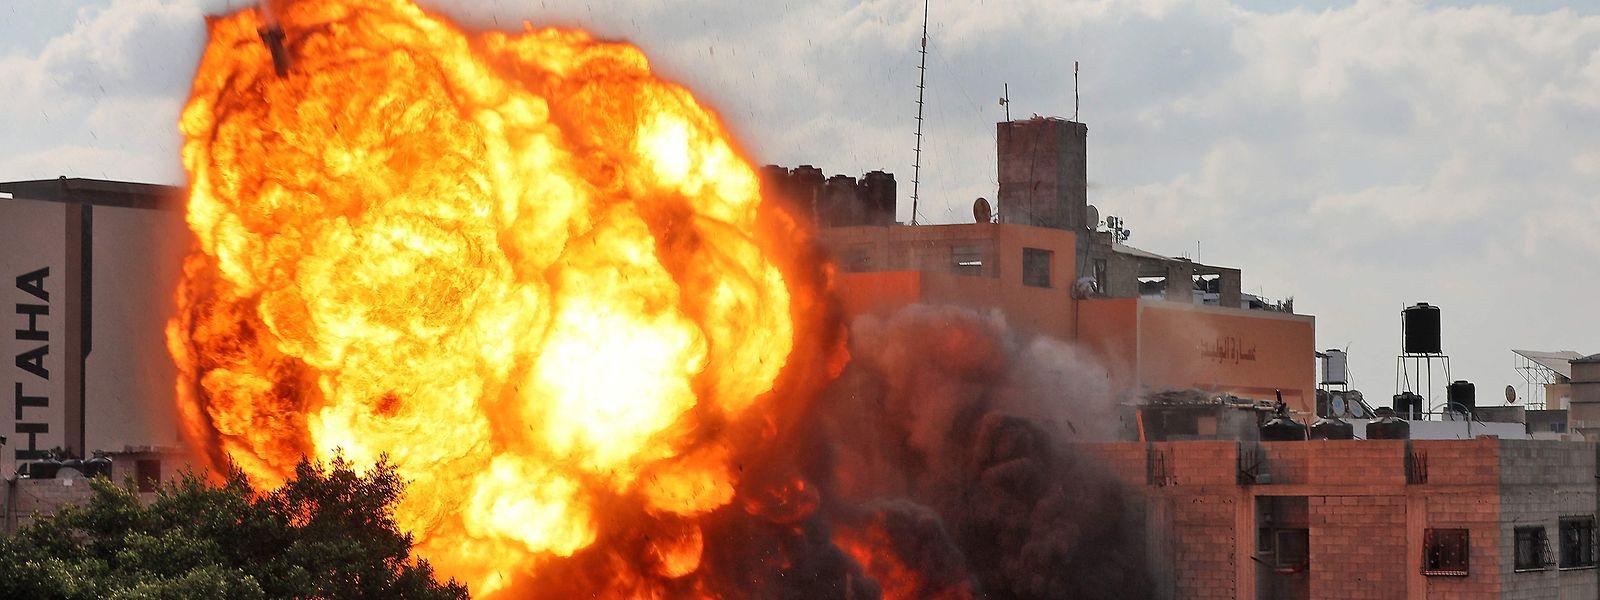 Das Bild zeigt einen Feuerball, der das Al-Walid-Gebäude verschlingt, das bei einem israelischen Luftangriff auf Gaza-Stadt am frühen Morgen zerstört wurde.